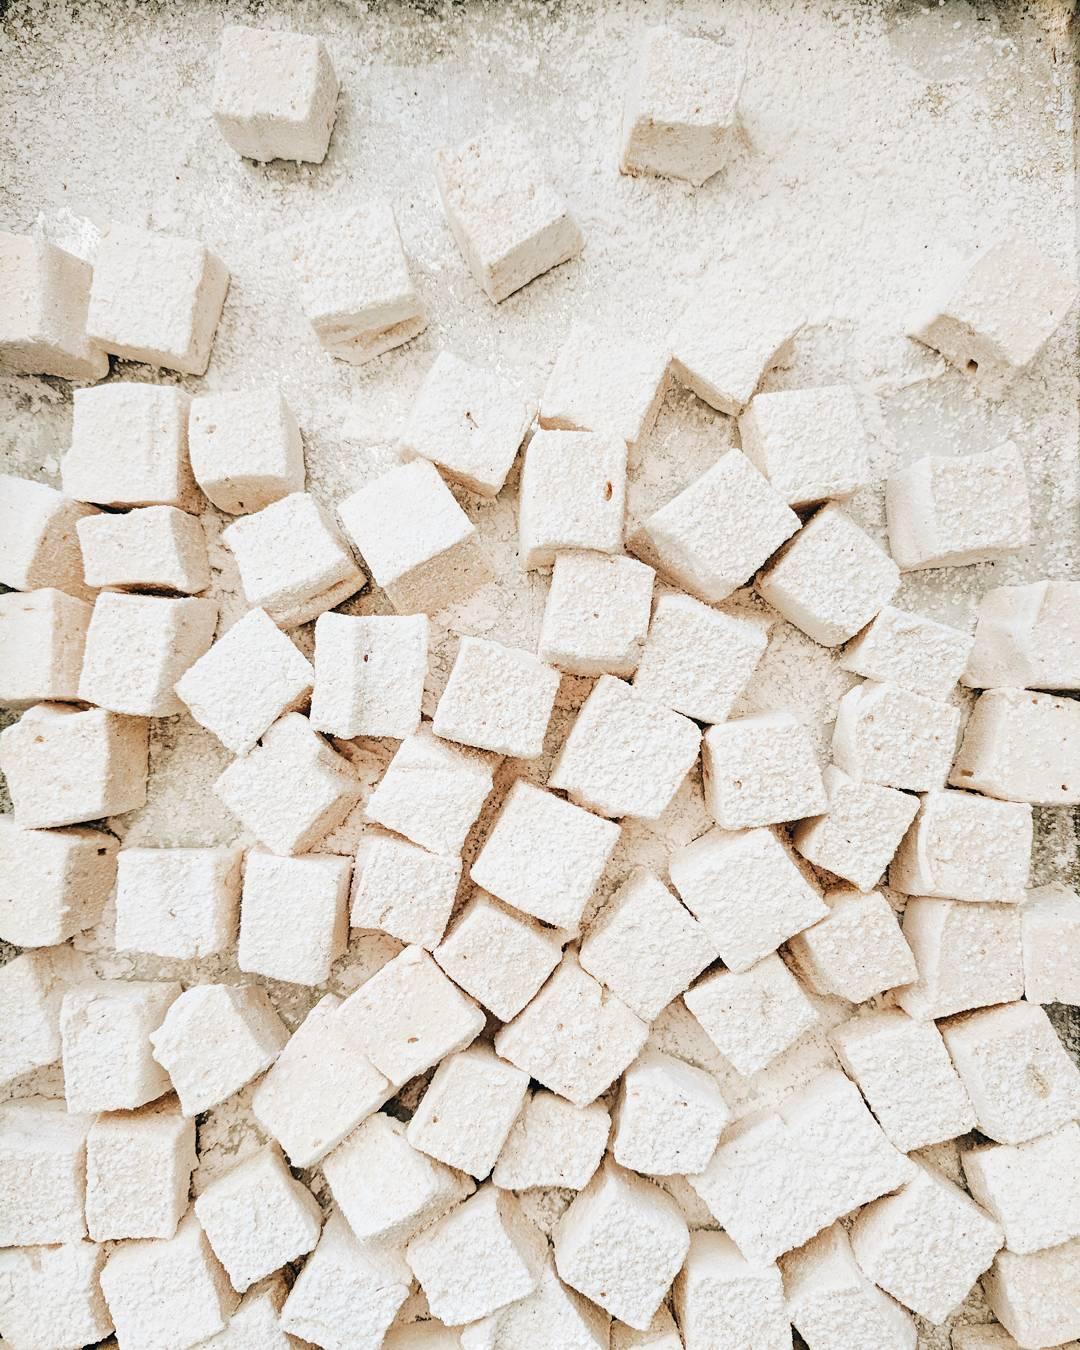 Ina Garten Marshmallows : garten, marshmallows, Dirty, Marshmallows, Average, Ariel